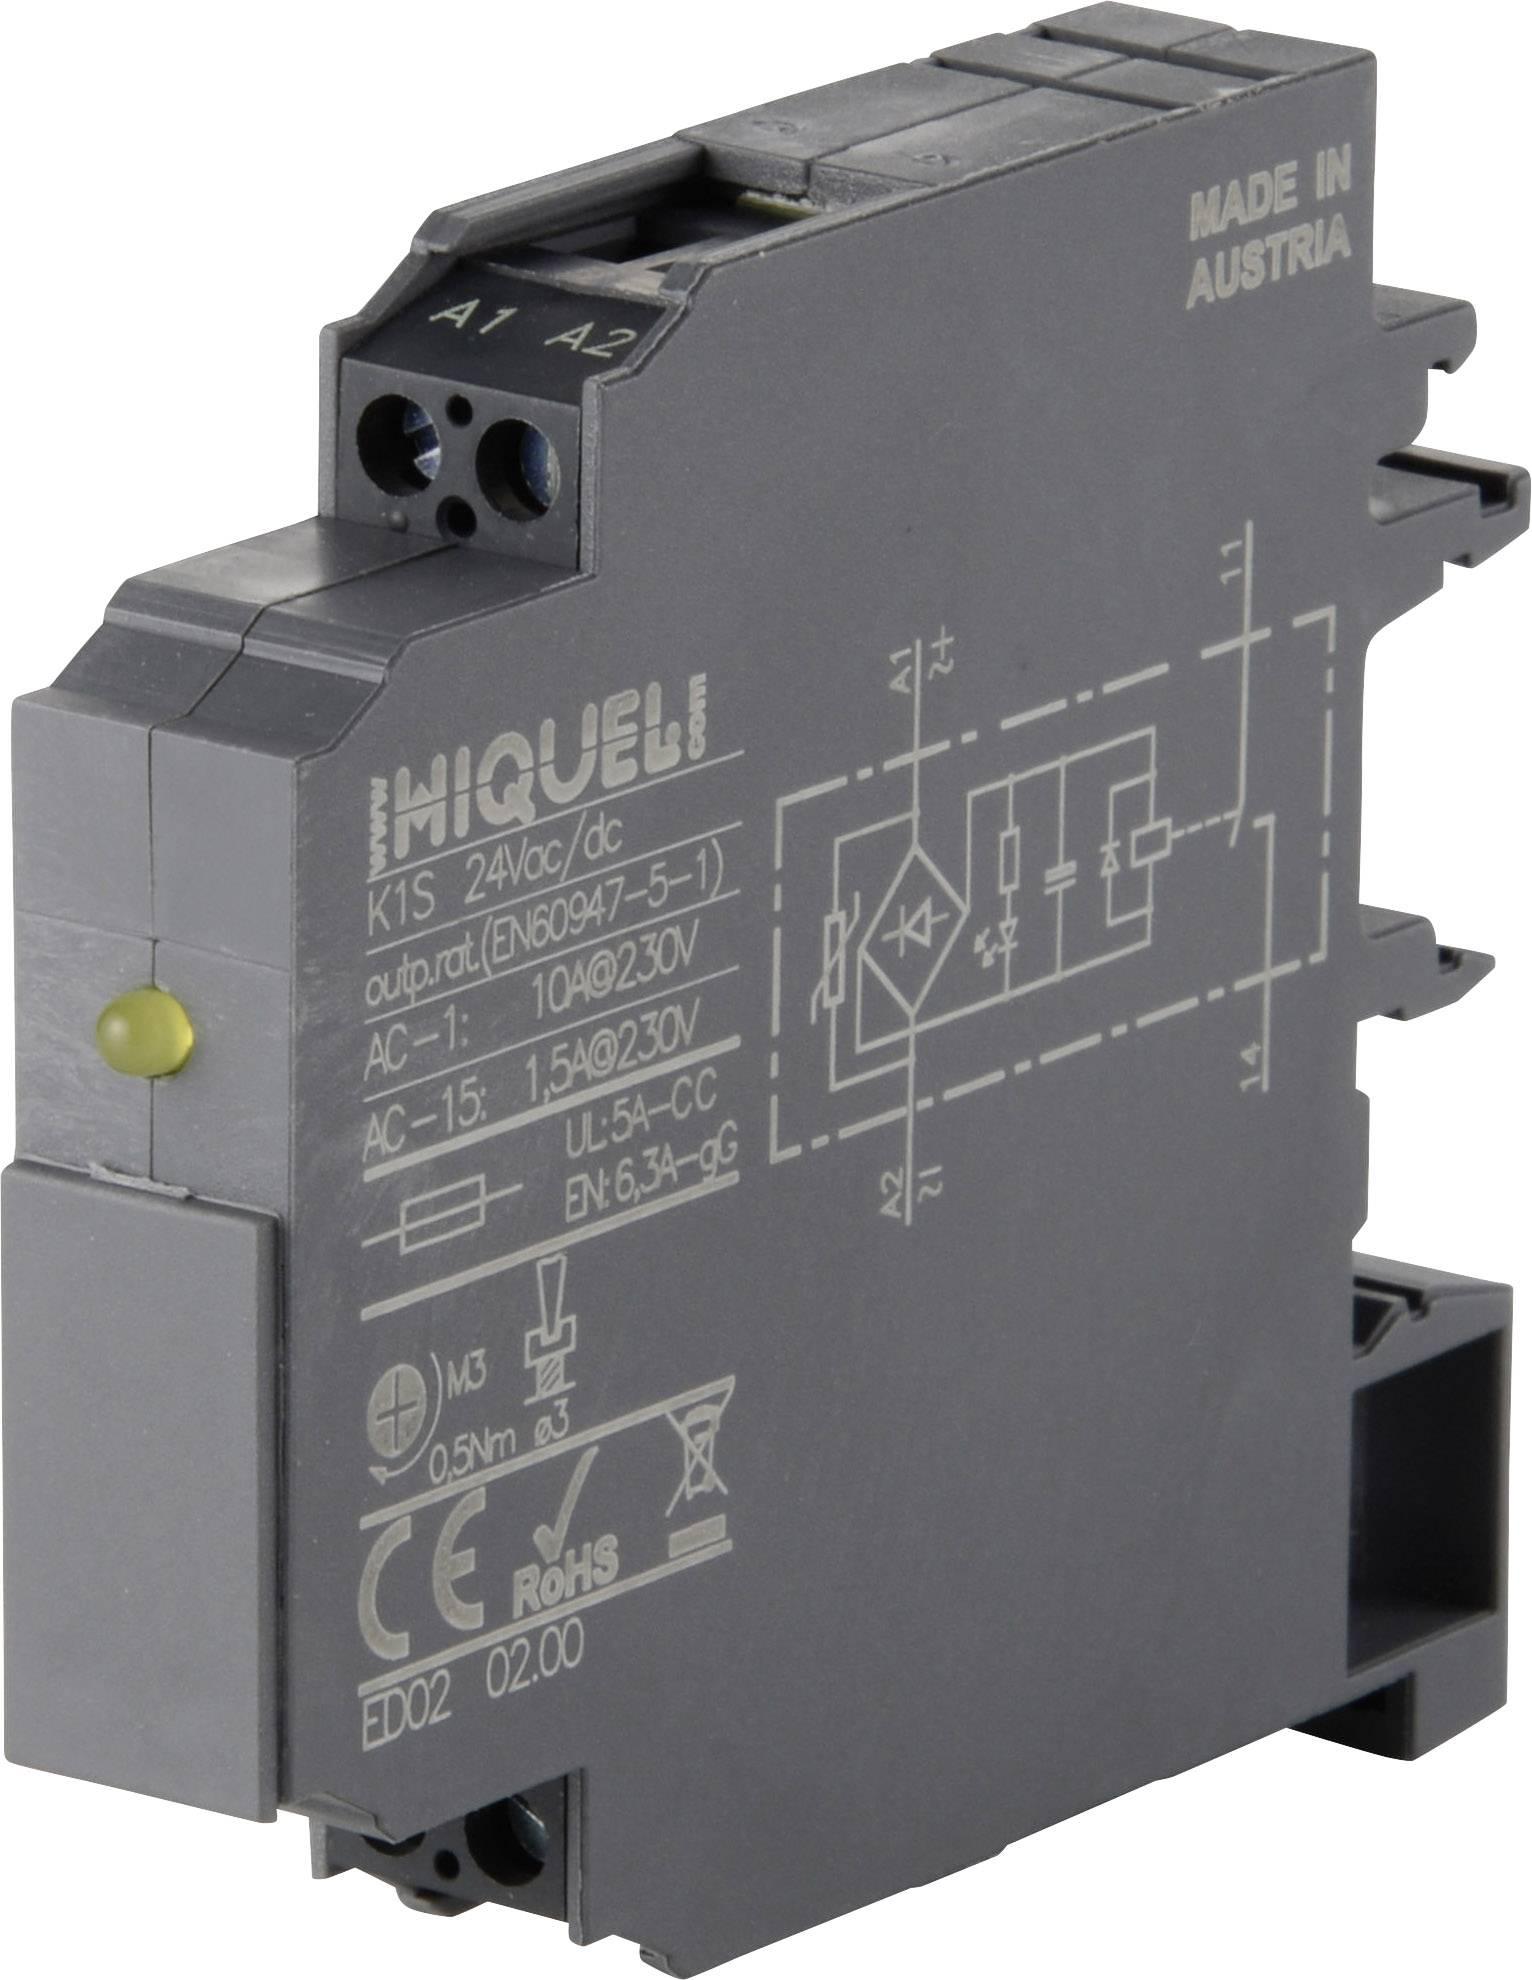 Vazební relé Hiquel, K1S 230 V/AC, 10 A, 12 mm